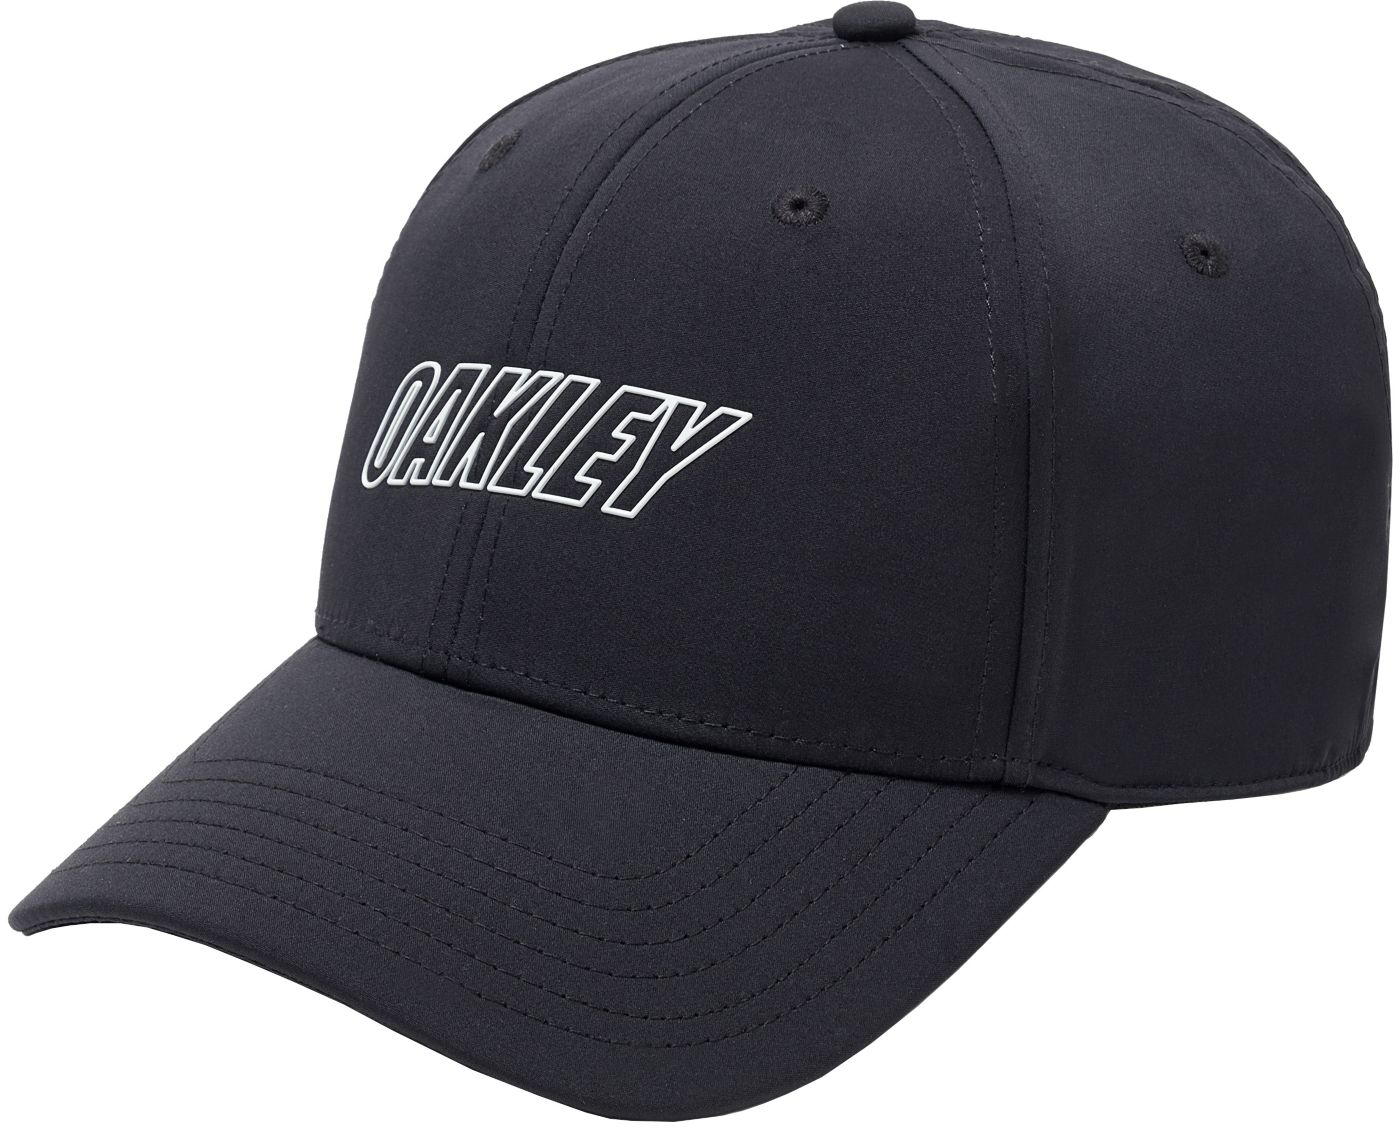 Oakley Men's 6 Panel Waved Golf Hat